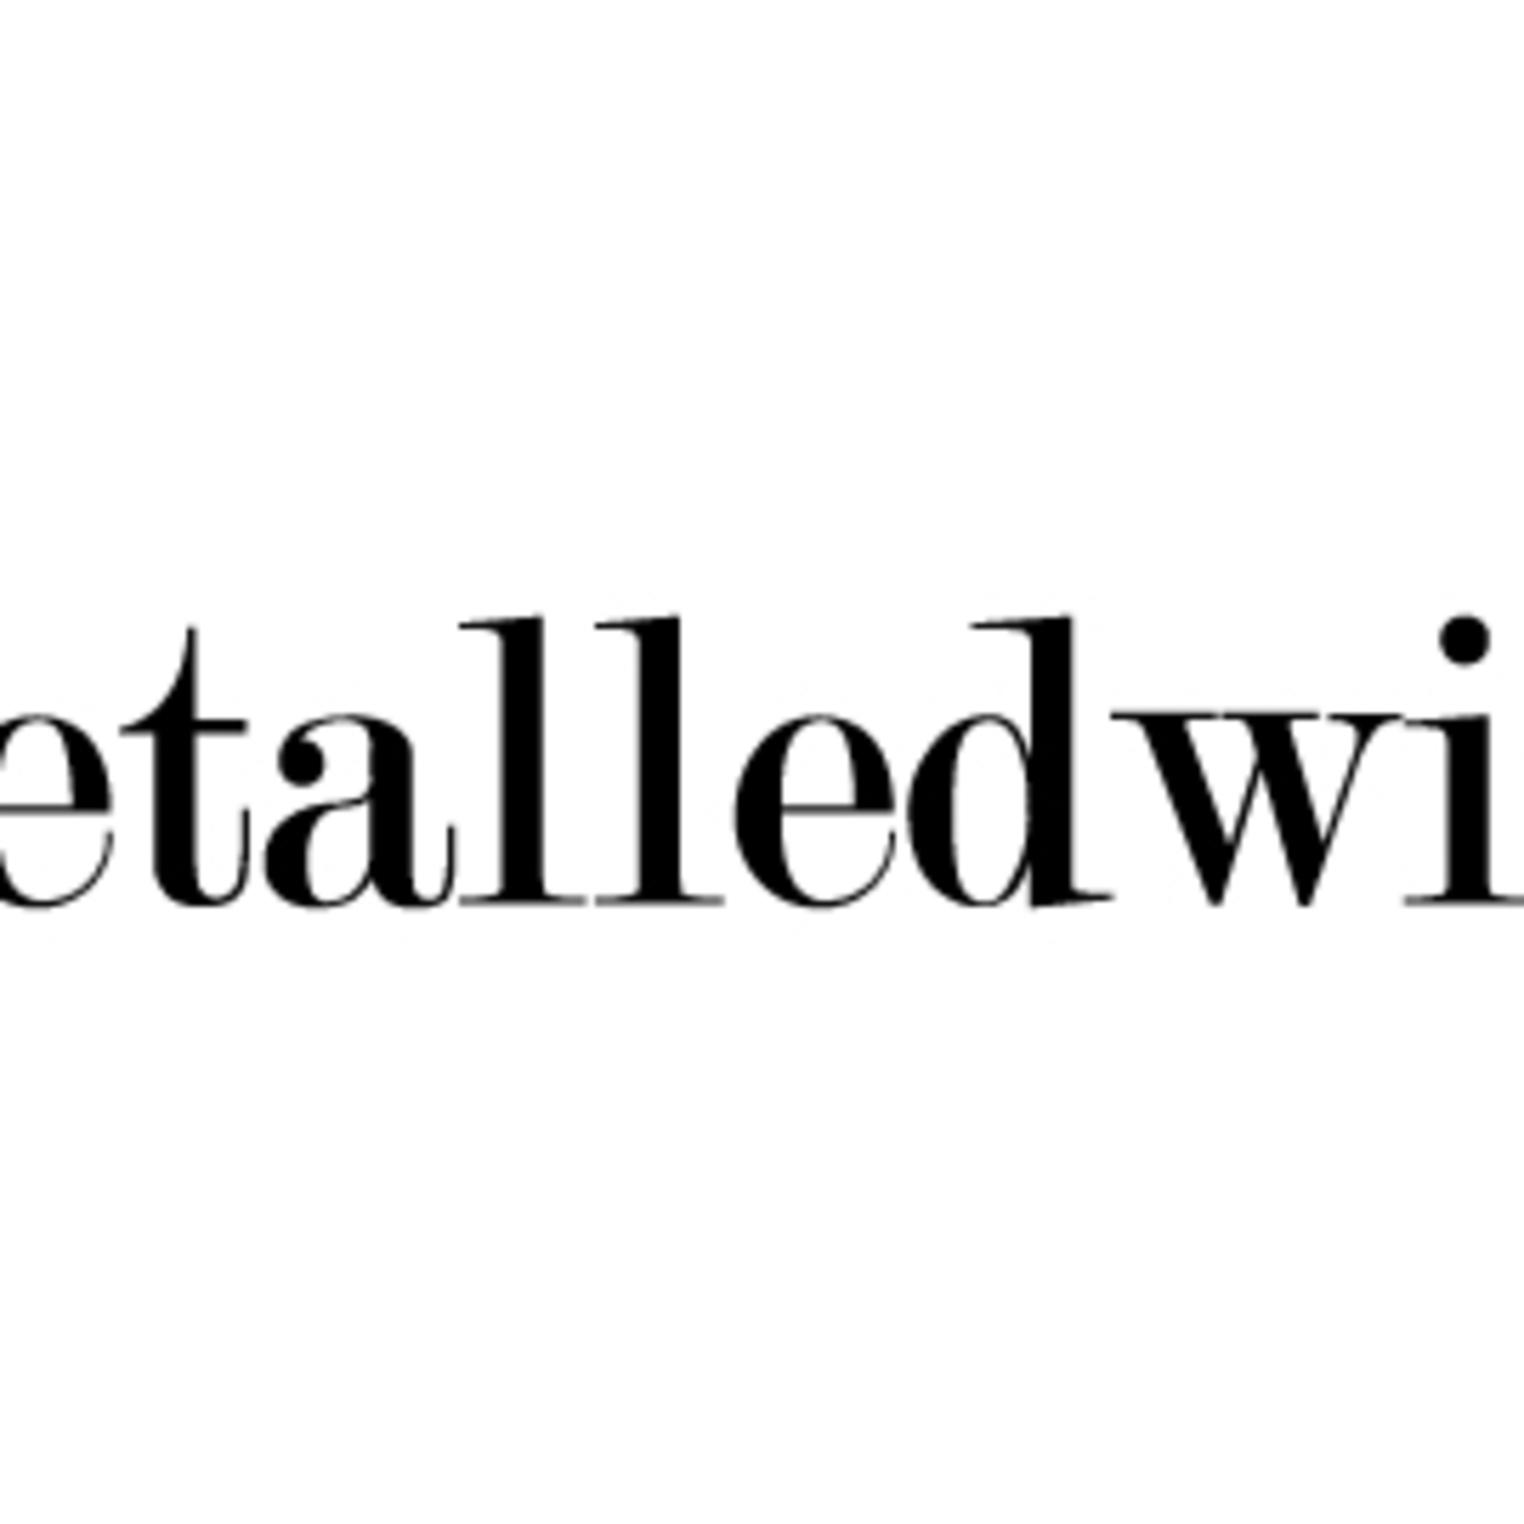 metalledwith Studio